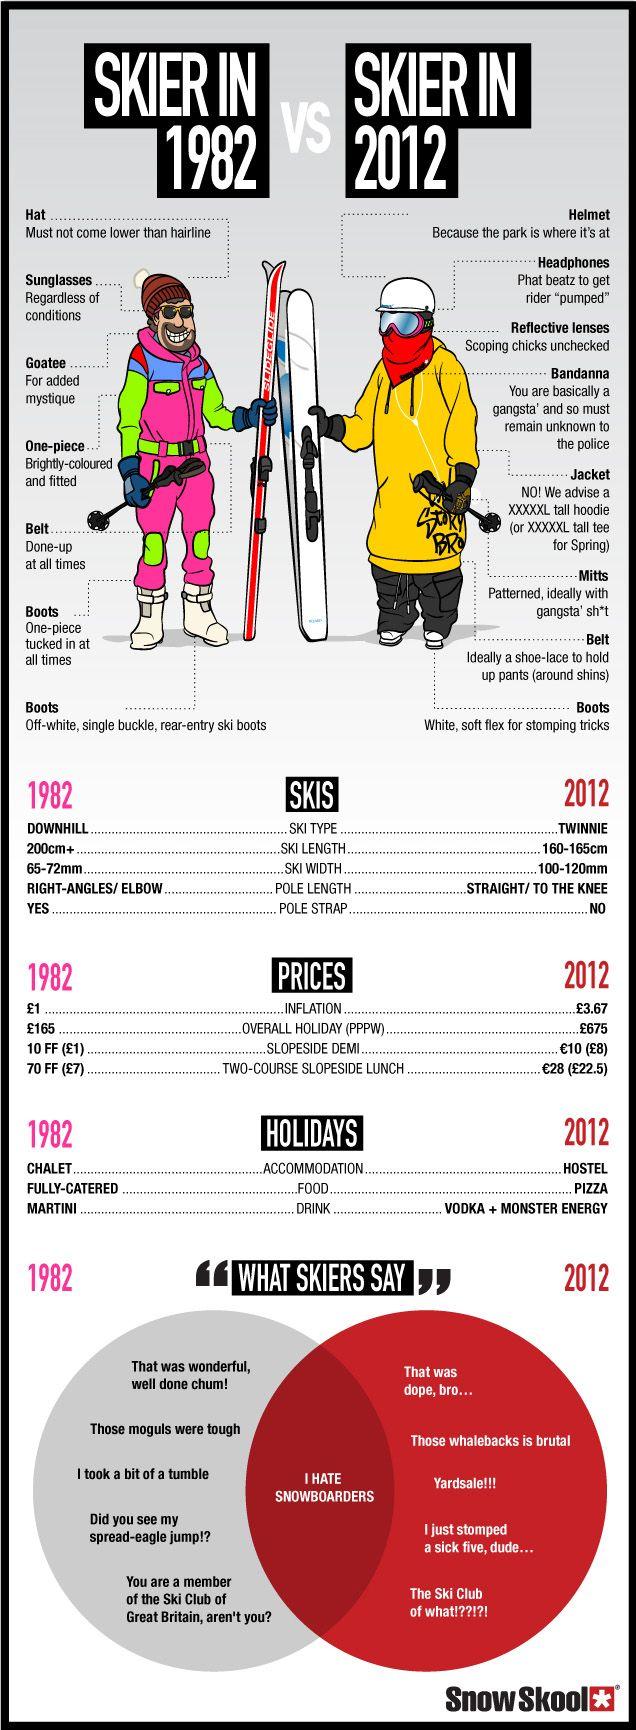 Skier in 1982 vs. Skier in 2012